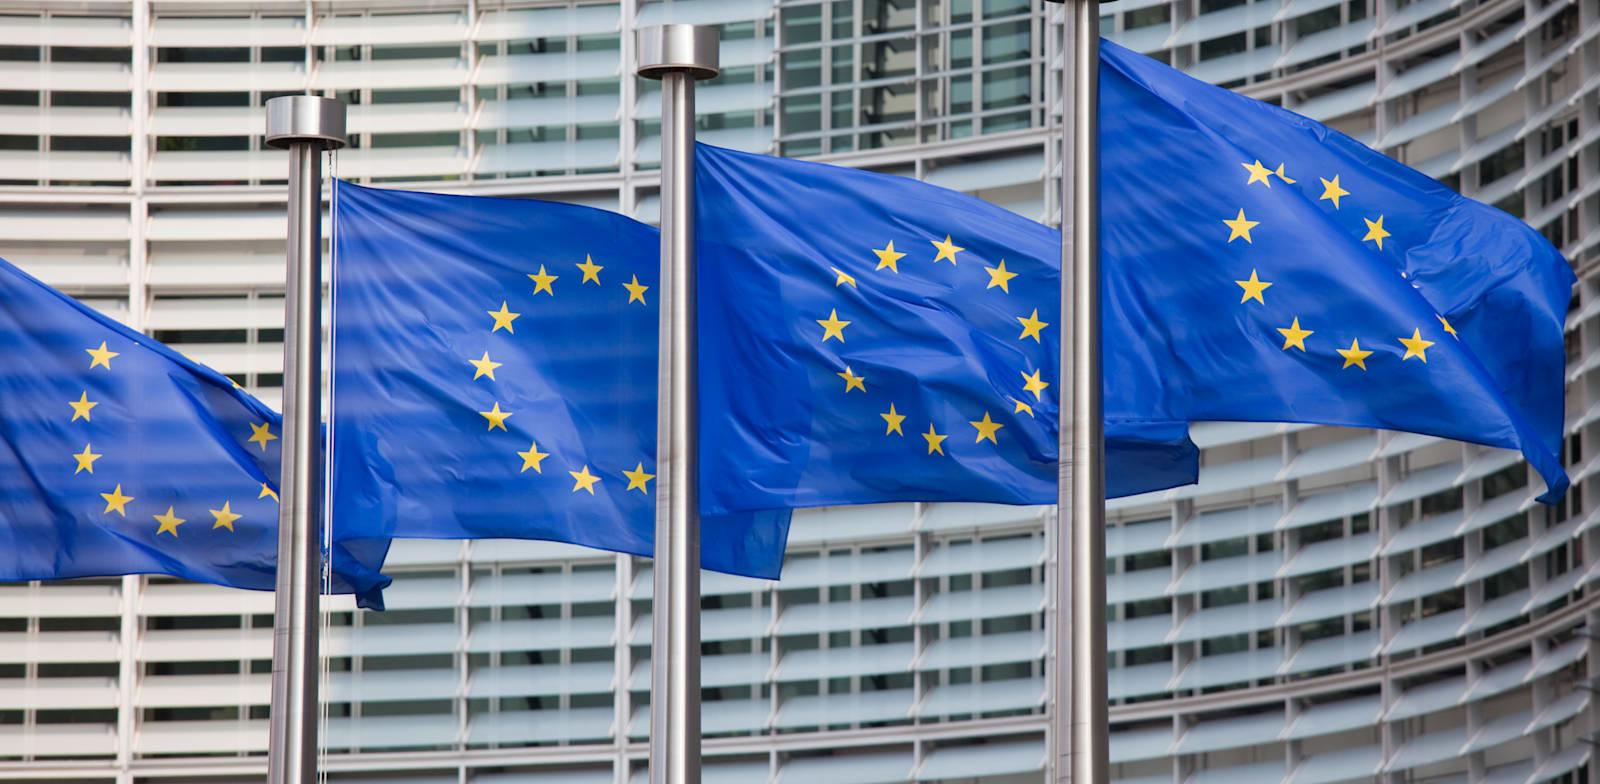 דגלי האיחוד האירופי / צילום: Shutterstock